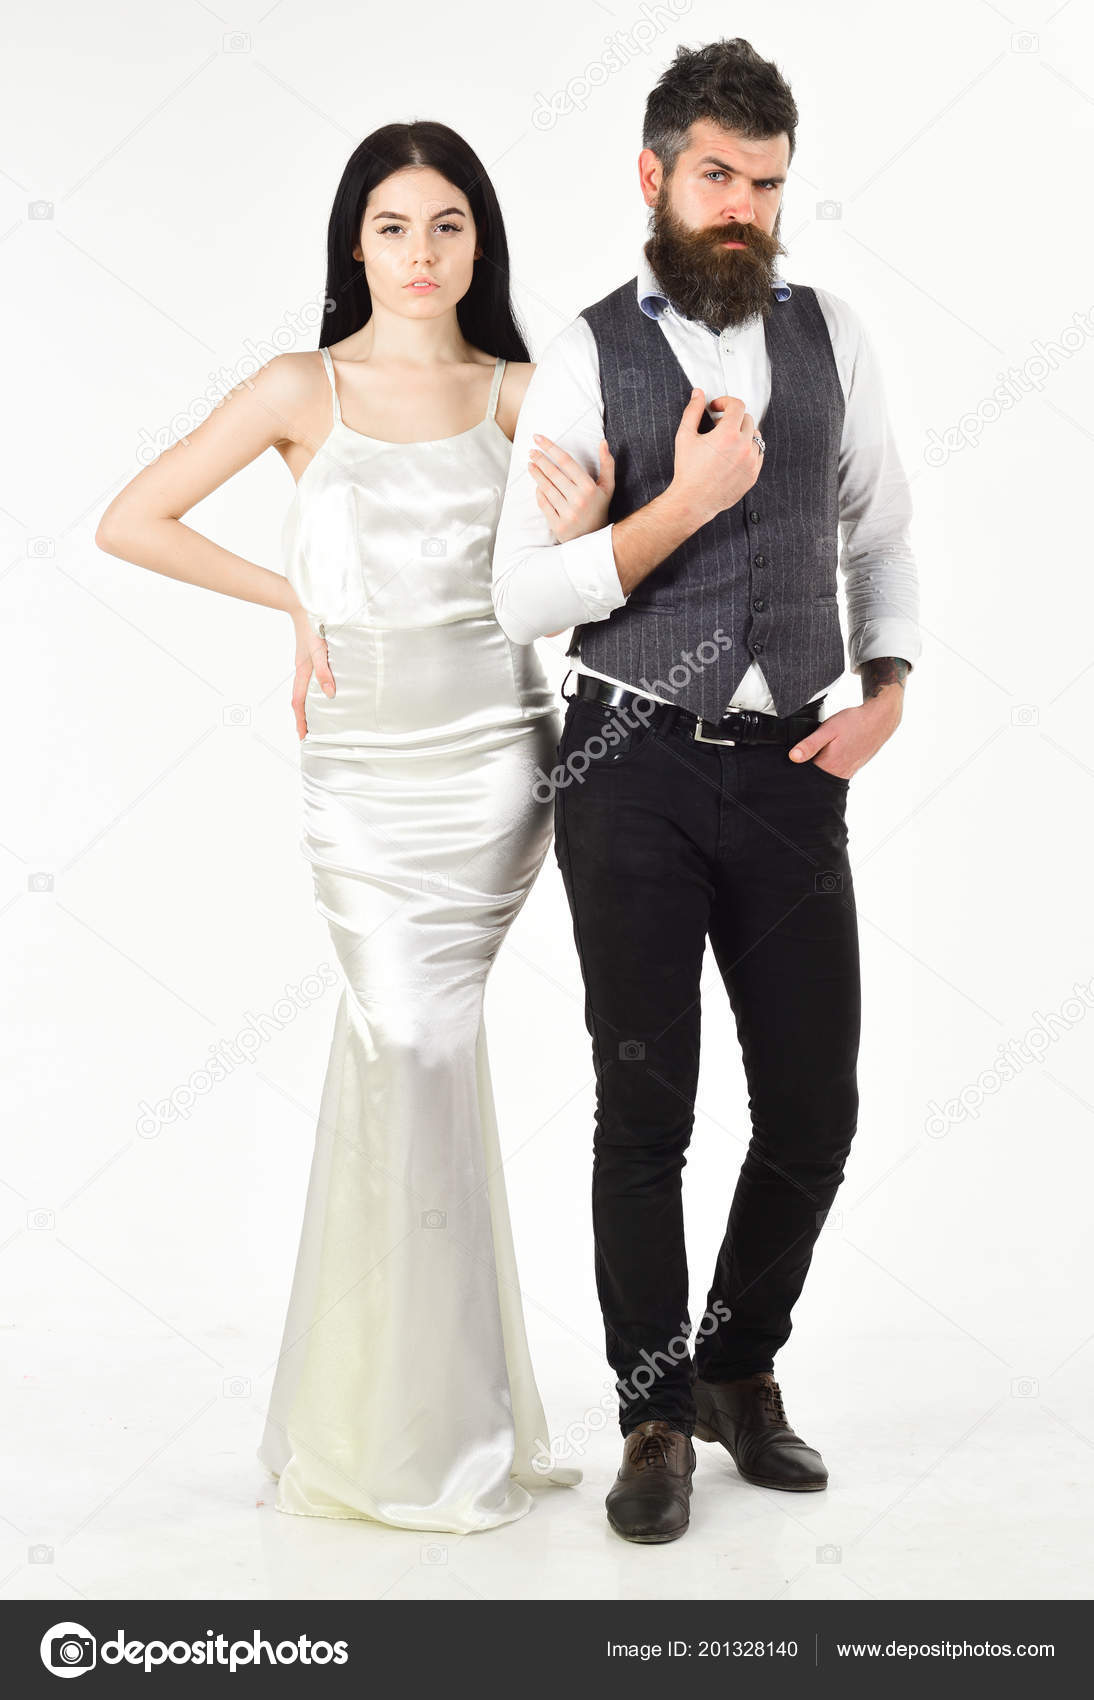 8045ef9ac Barba hipster con novia vestidos para ceremonia de boda. Concepto de boda.  Pareja en el amor